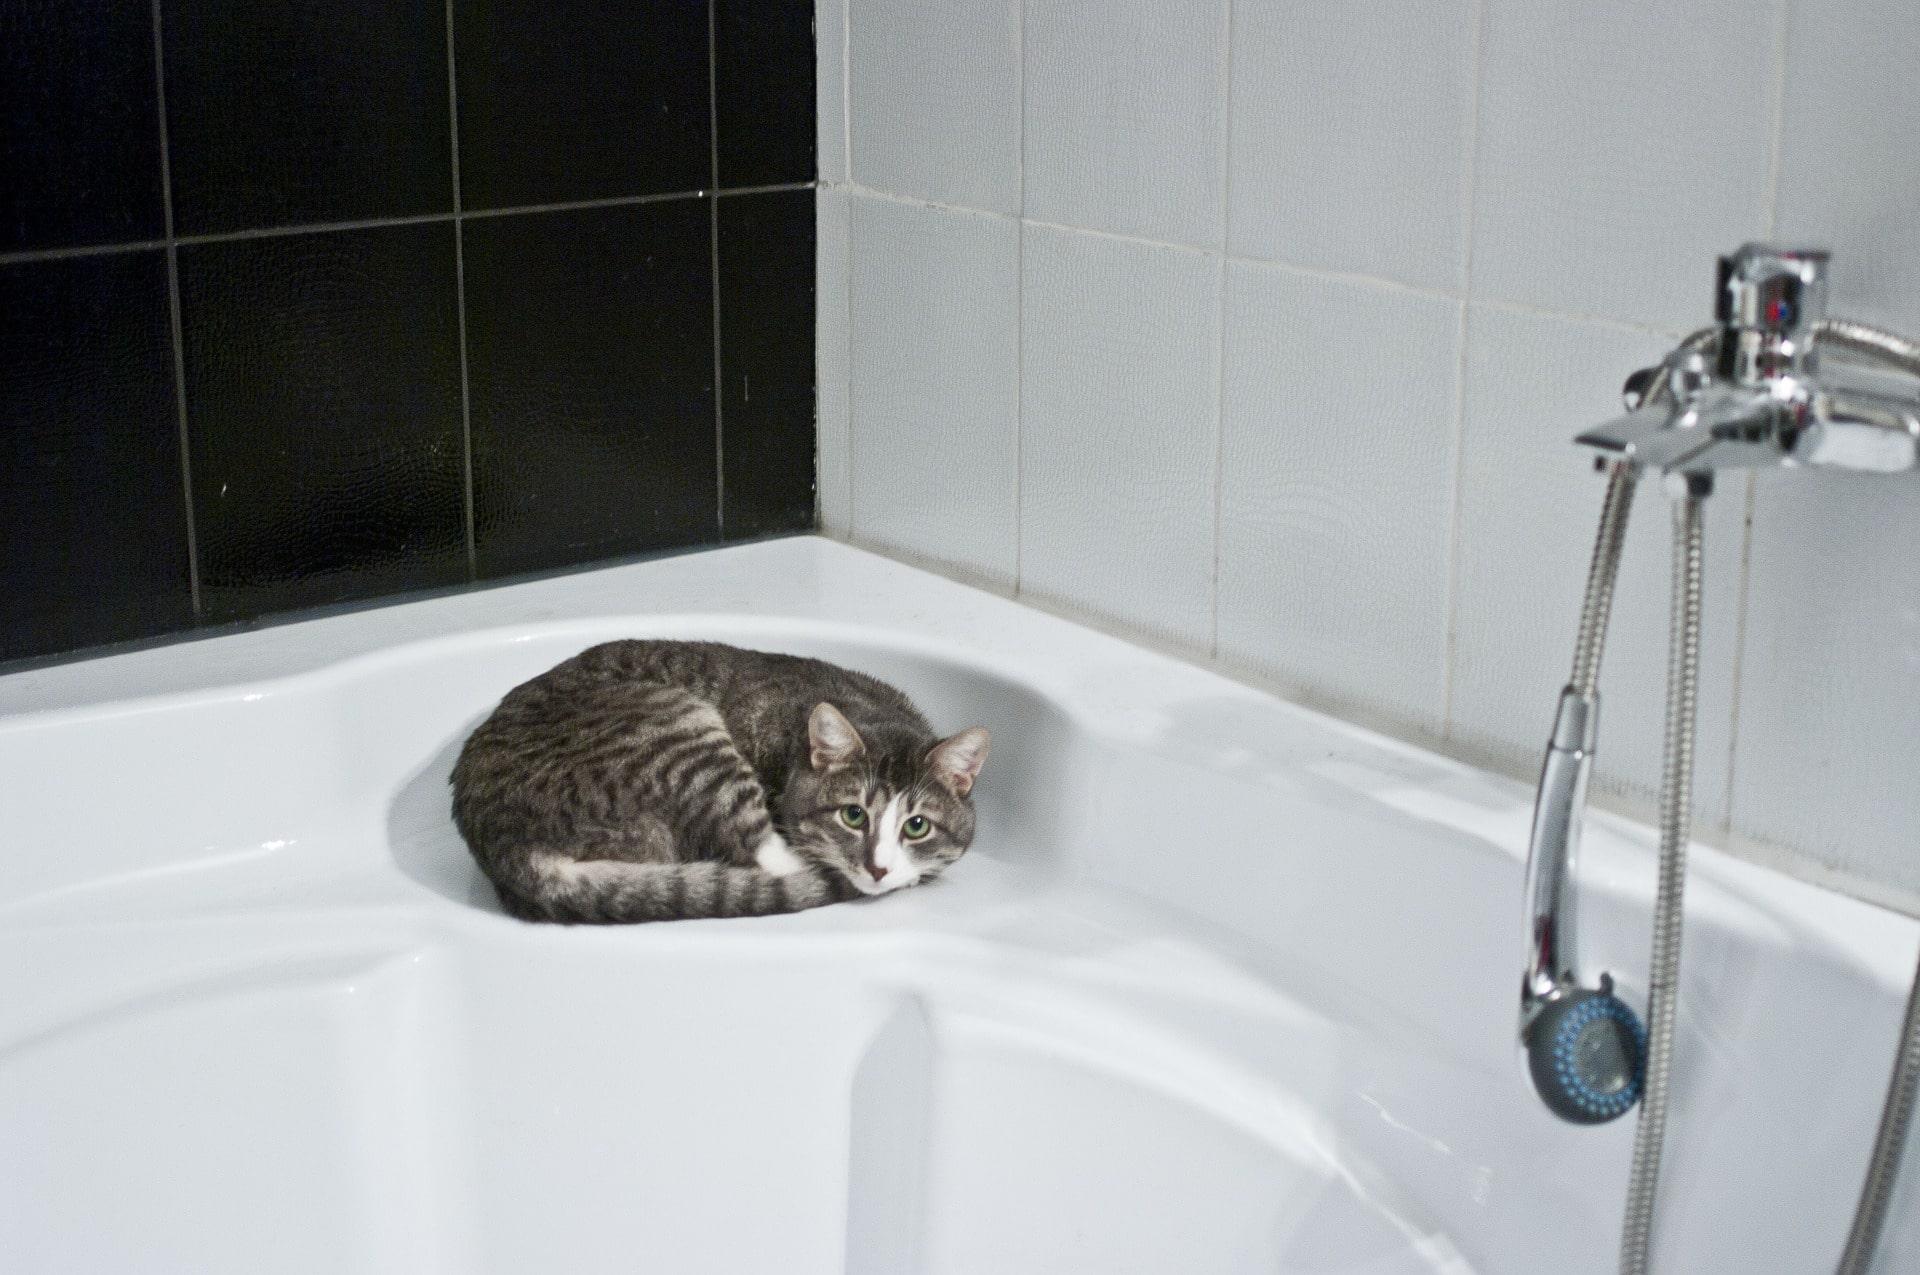 Comment donner un bain à un chat